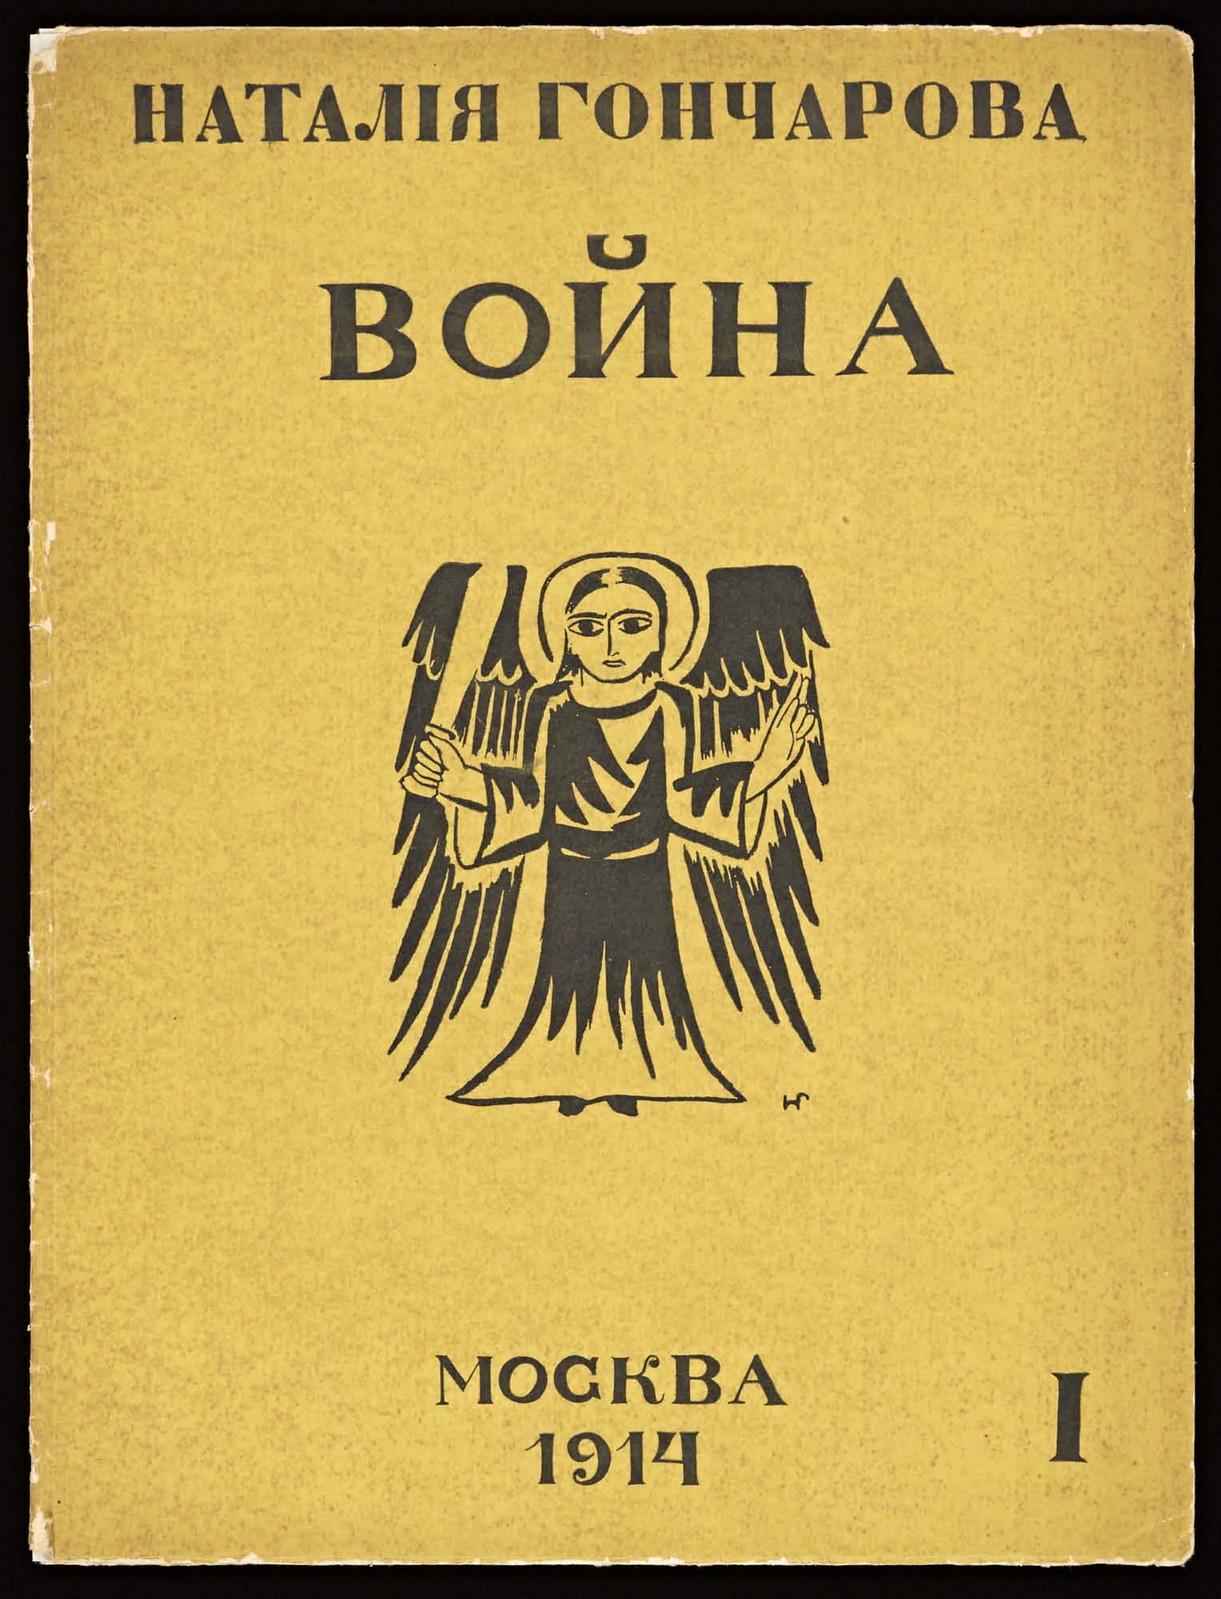 1914. Мистические образы войны 14 литографий-01